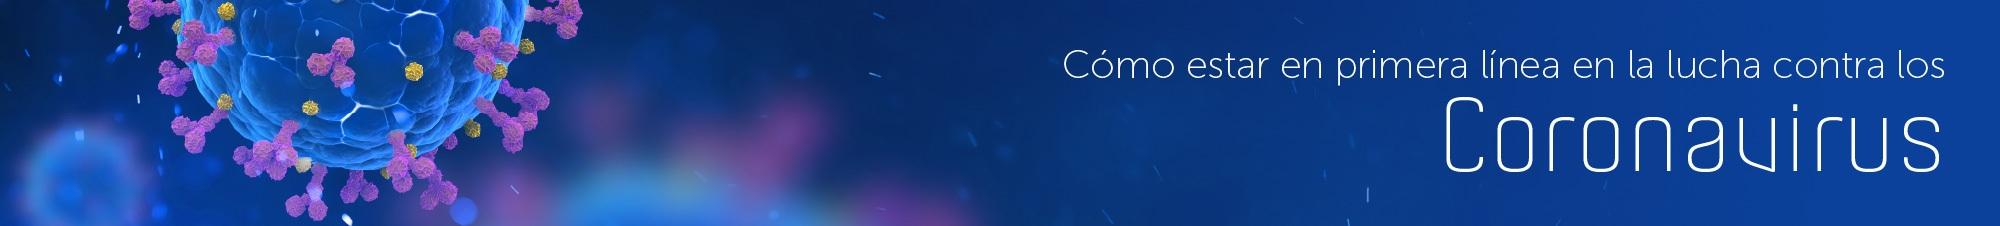 publicaciones-coronavirus